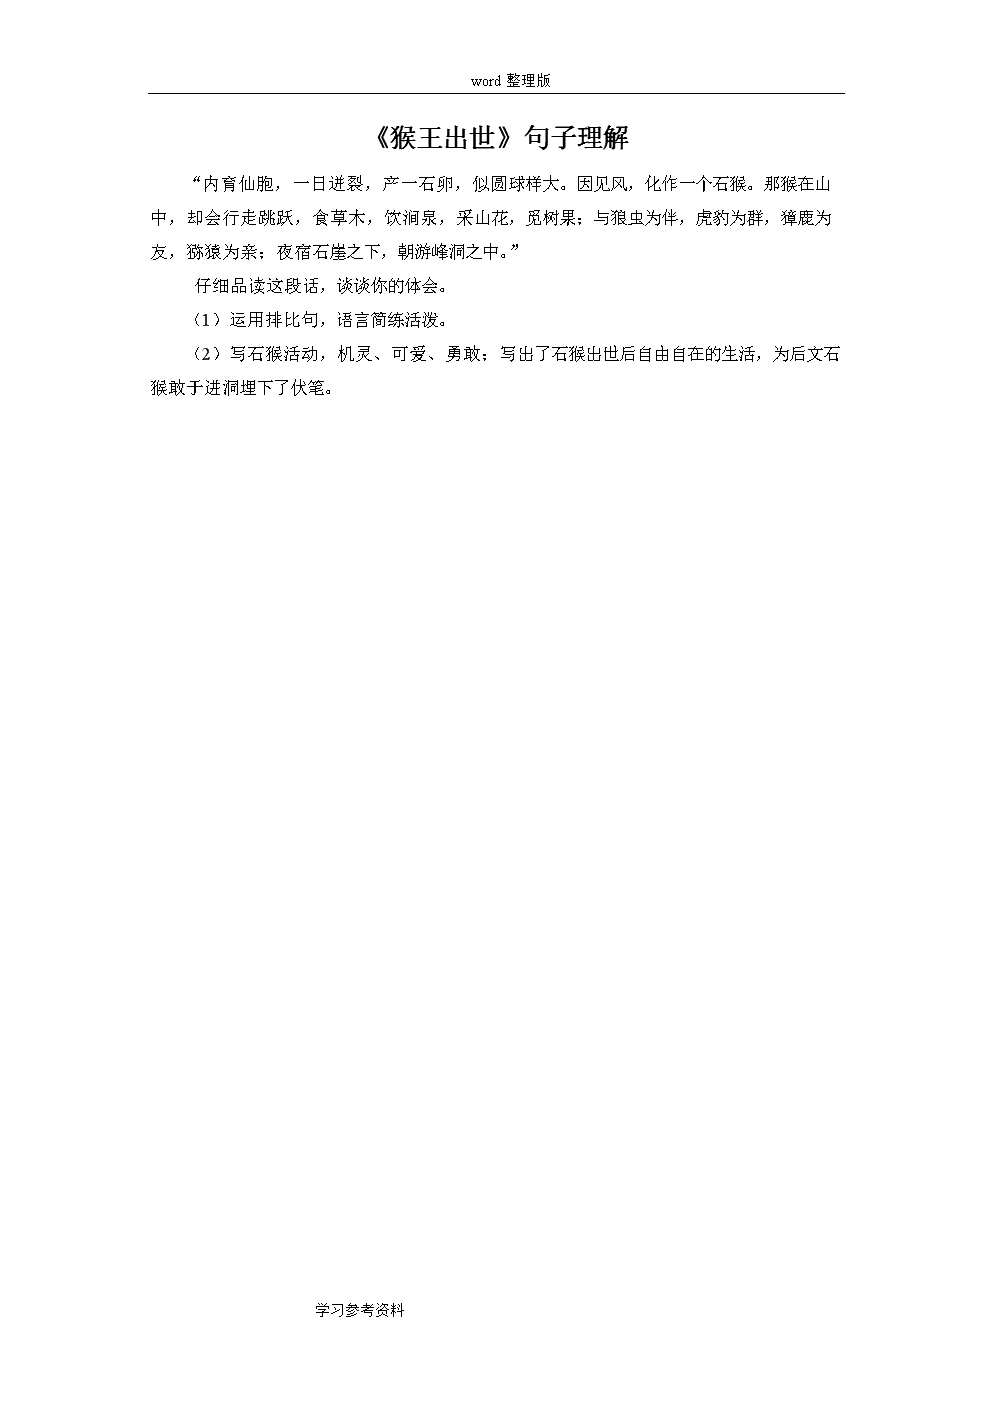 语文人教五年级下册《猴王出世》句子理解.doc